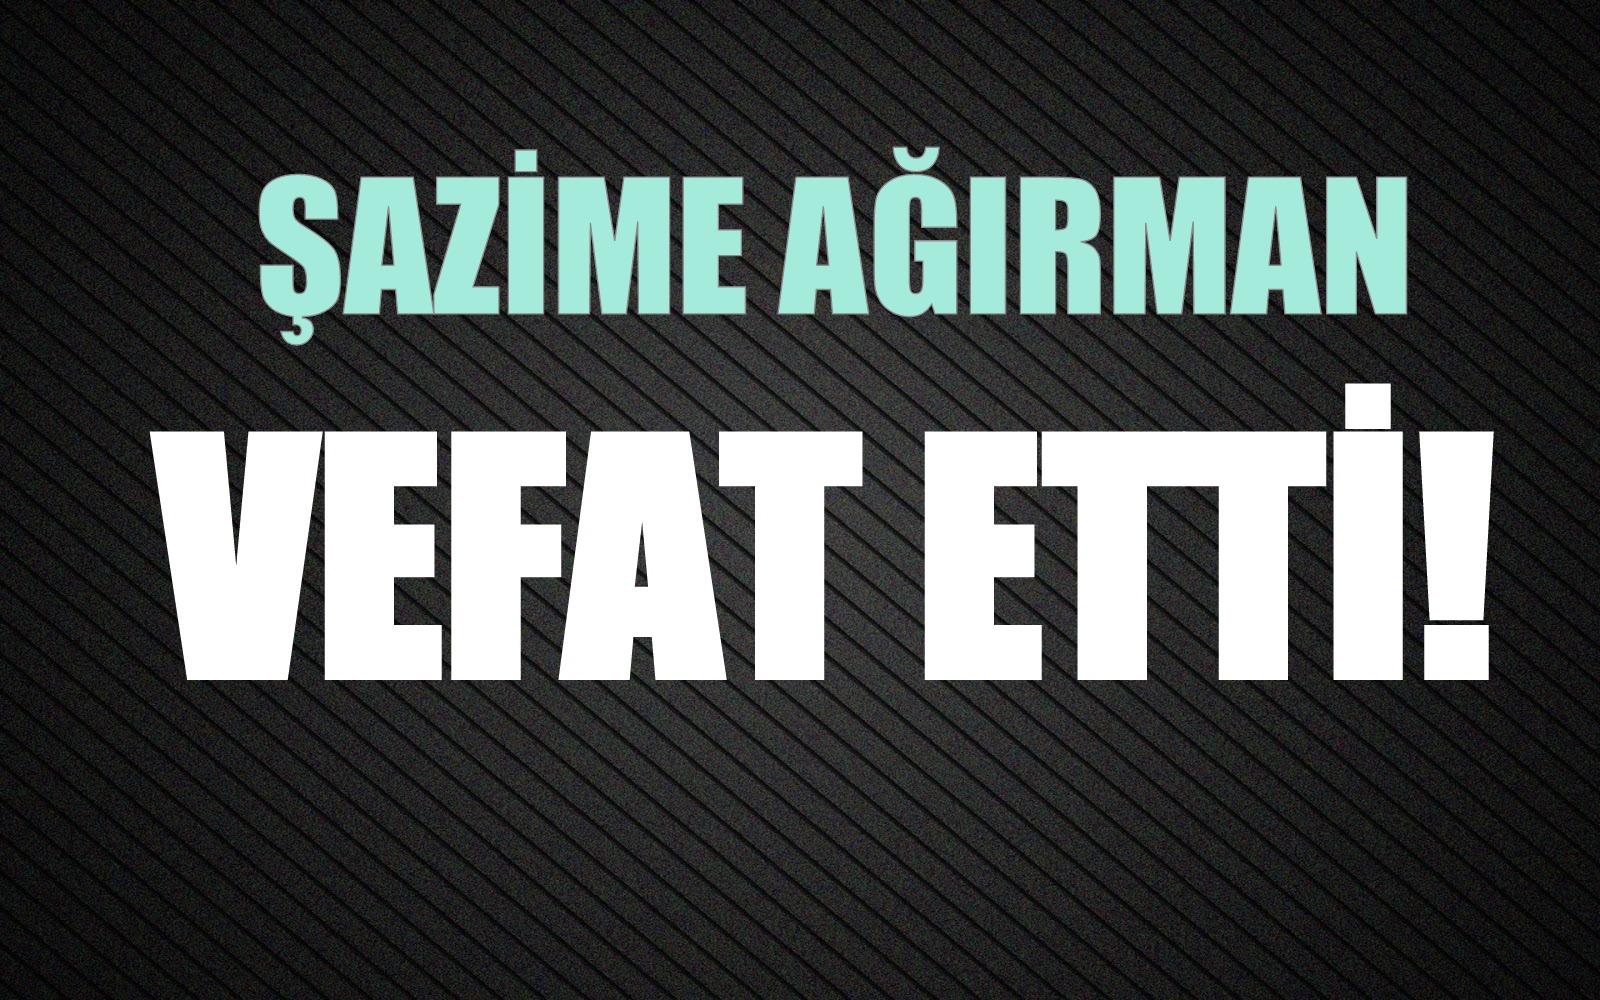 AĞIRMAN AİLESİNİN ACI GÜNÜ!..